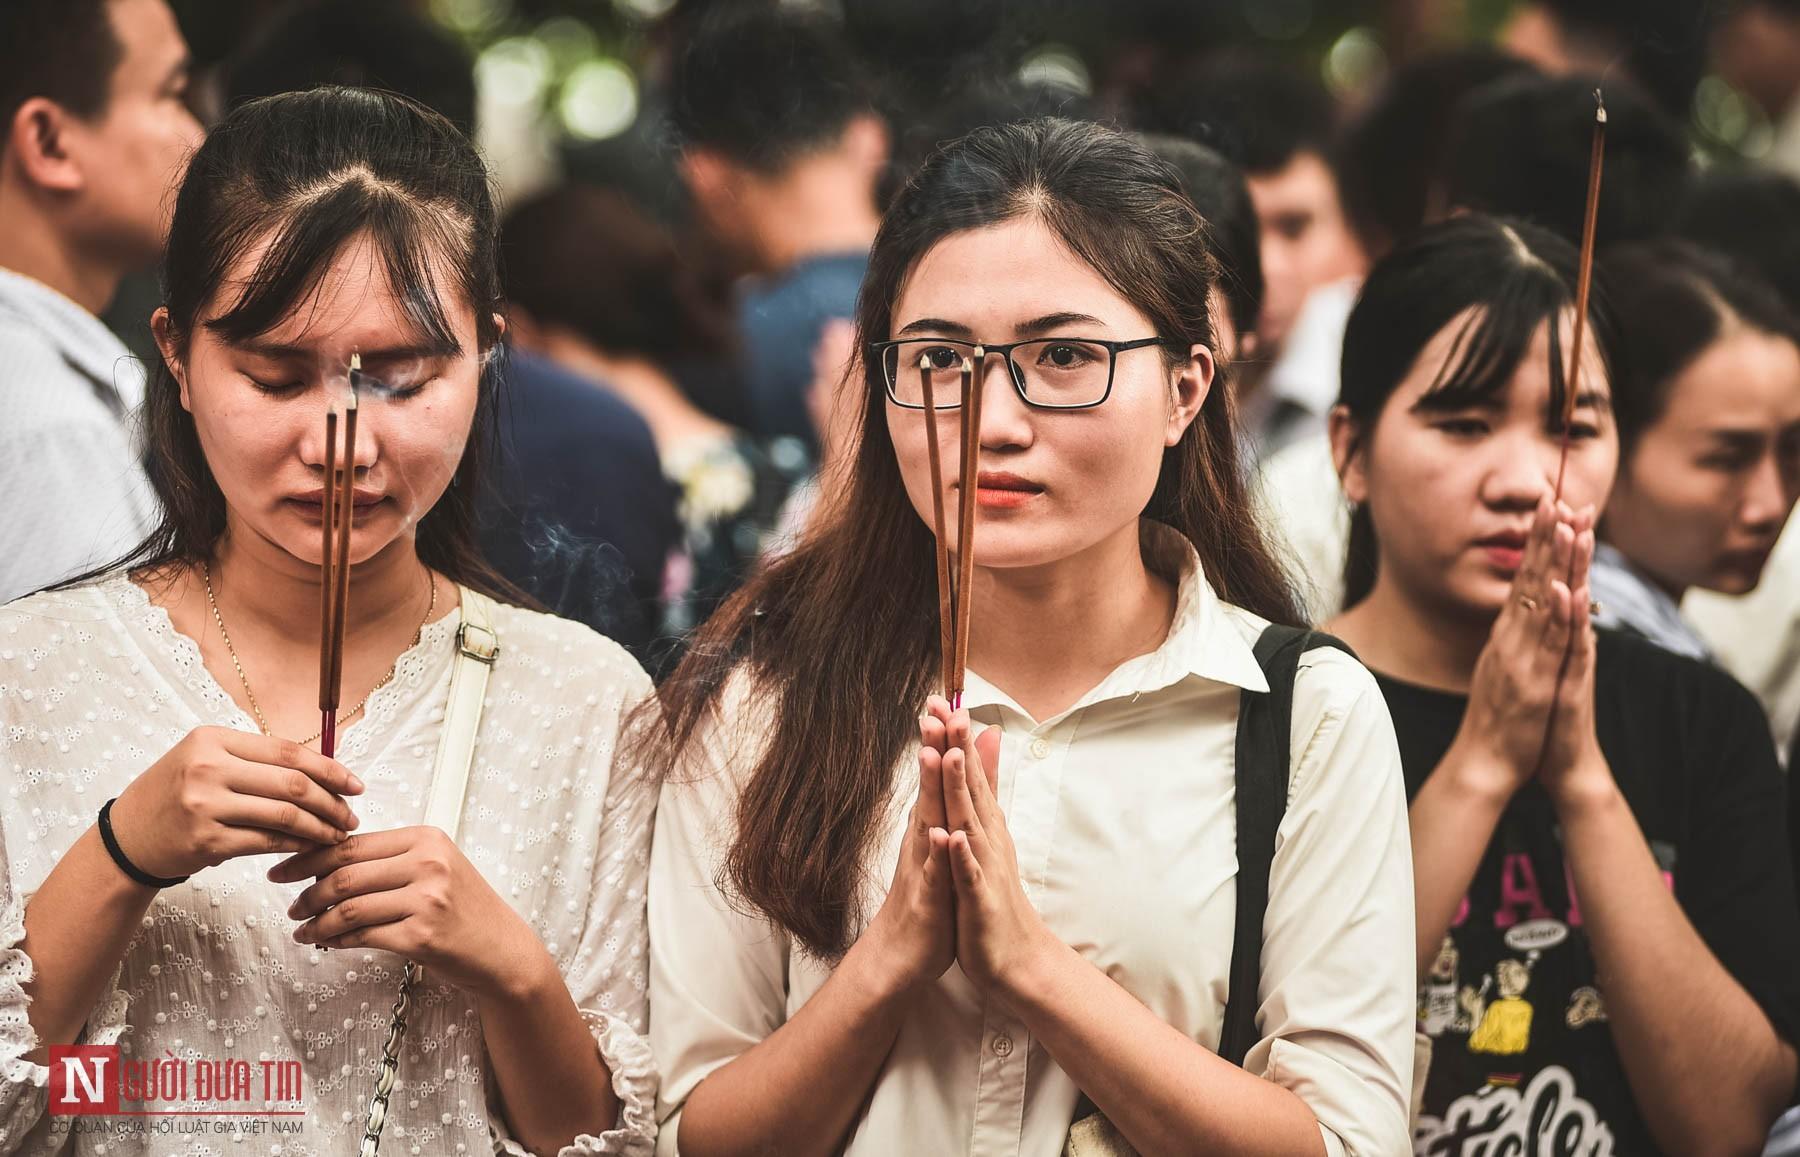 Cận cảnh người chen người, lễ chồng lễ ở phủ Tây Hồ ngày đầu tháng Ngâu - Ảnh 7